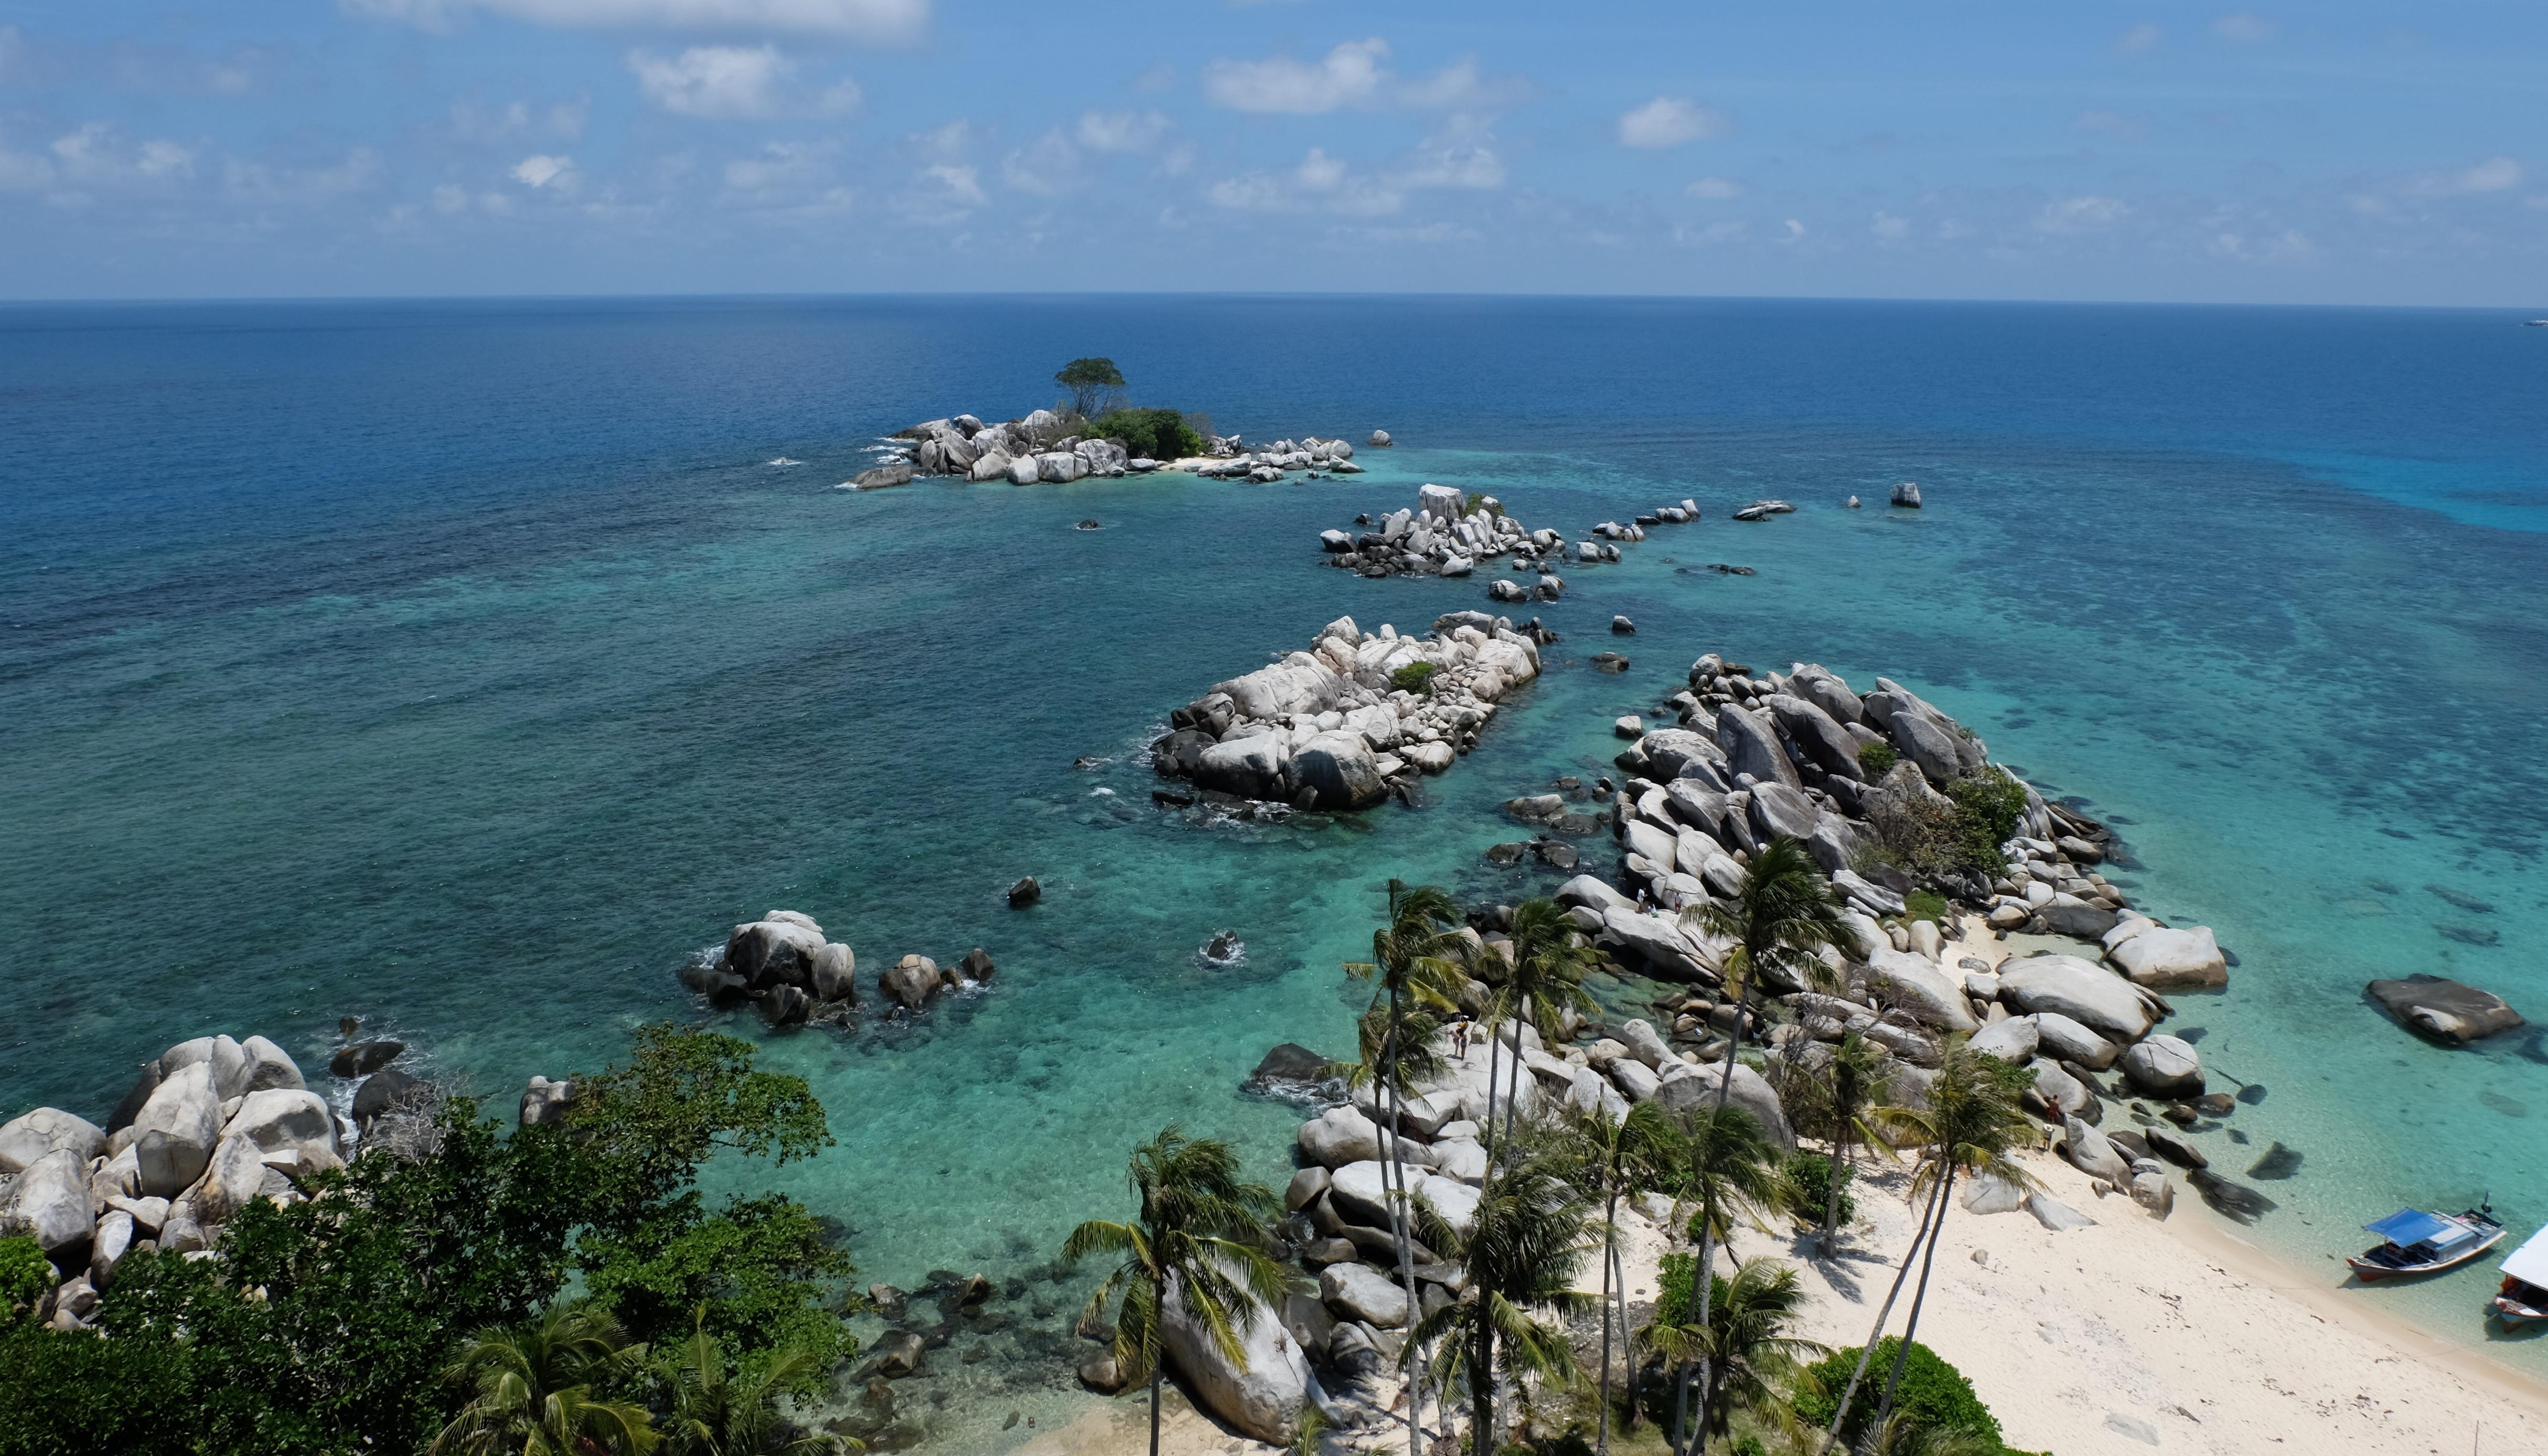 Paket Wisata Pulau Belitung 3 days 2 nights